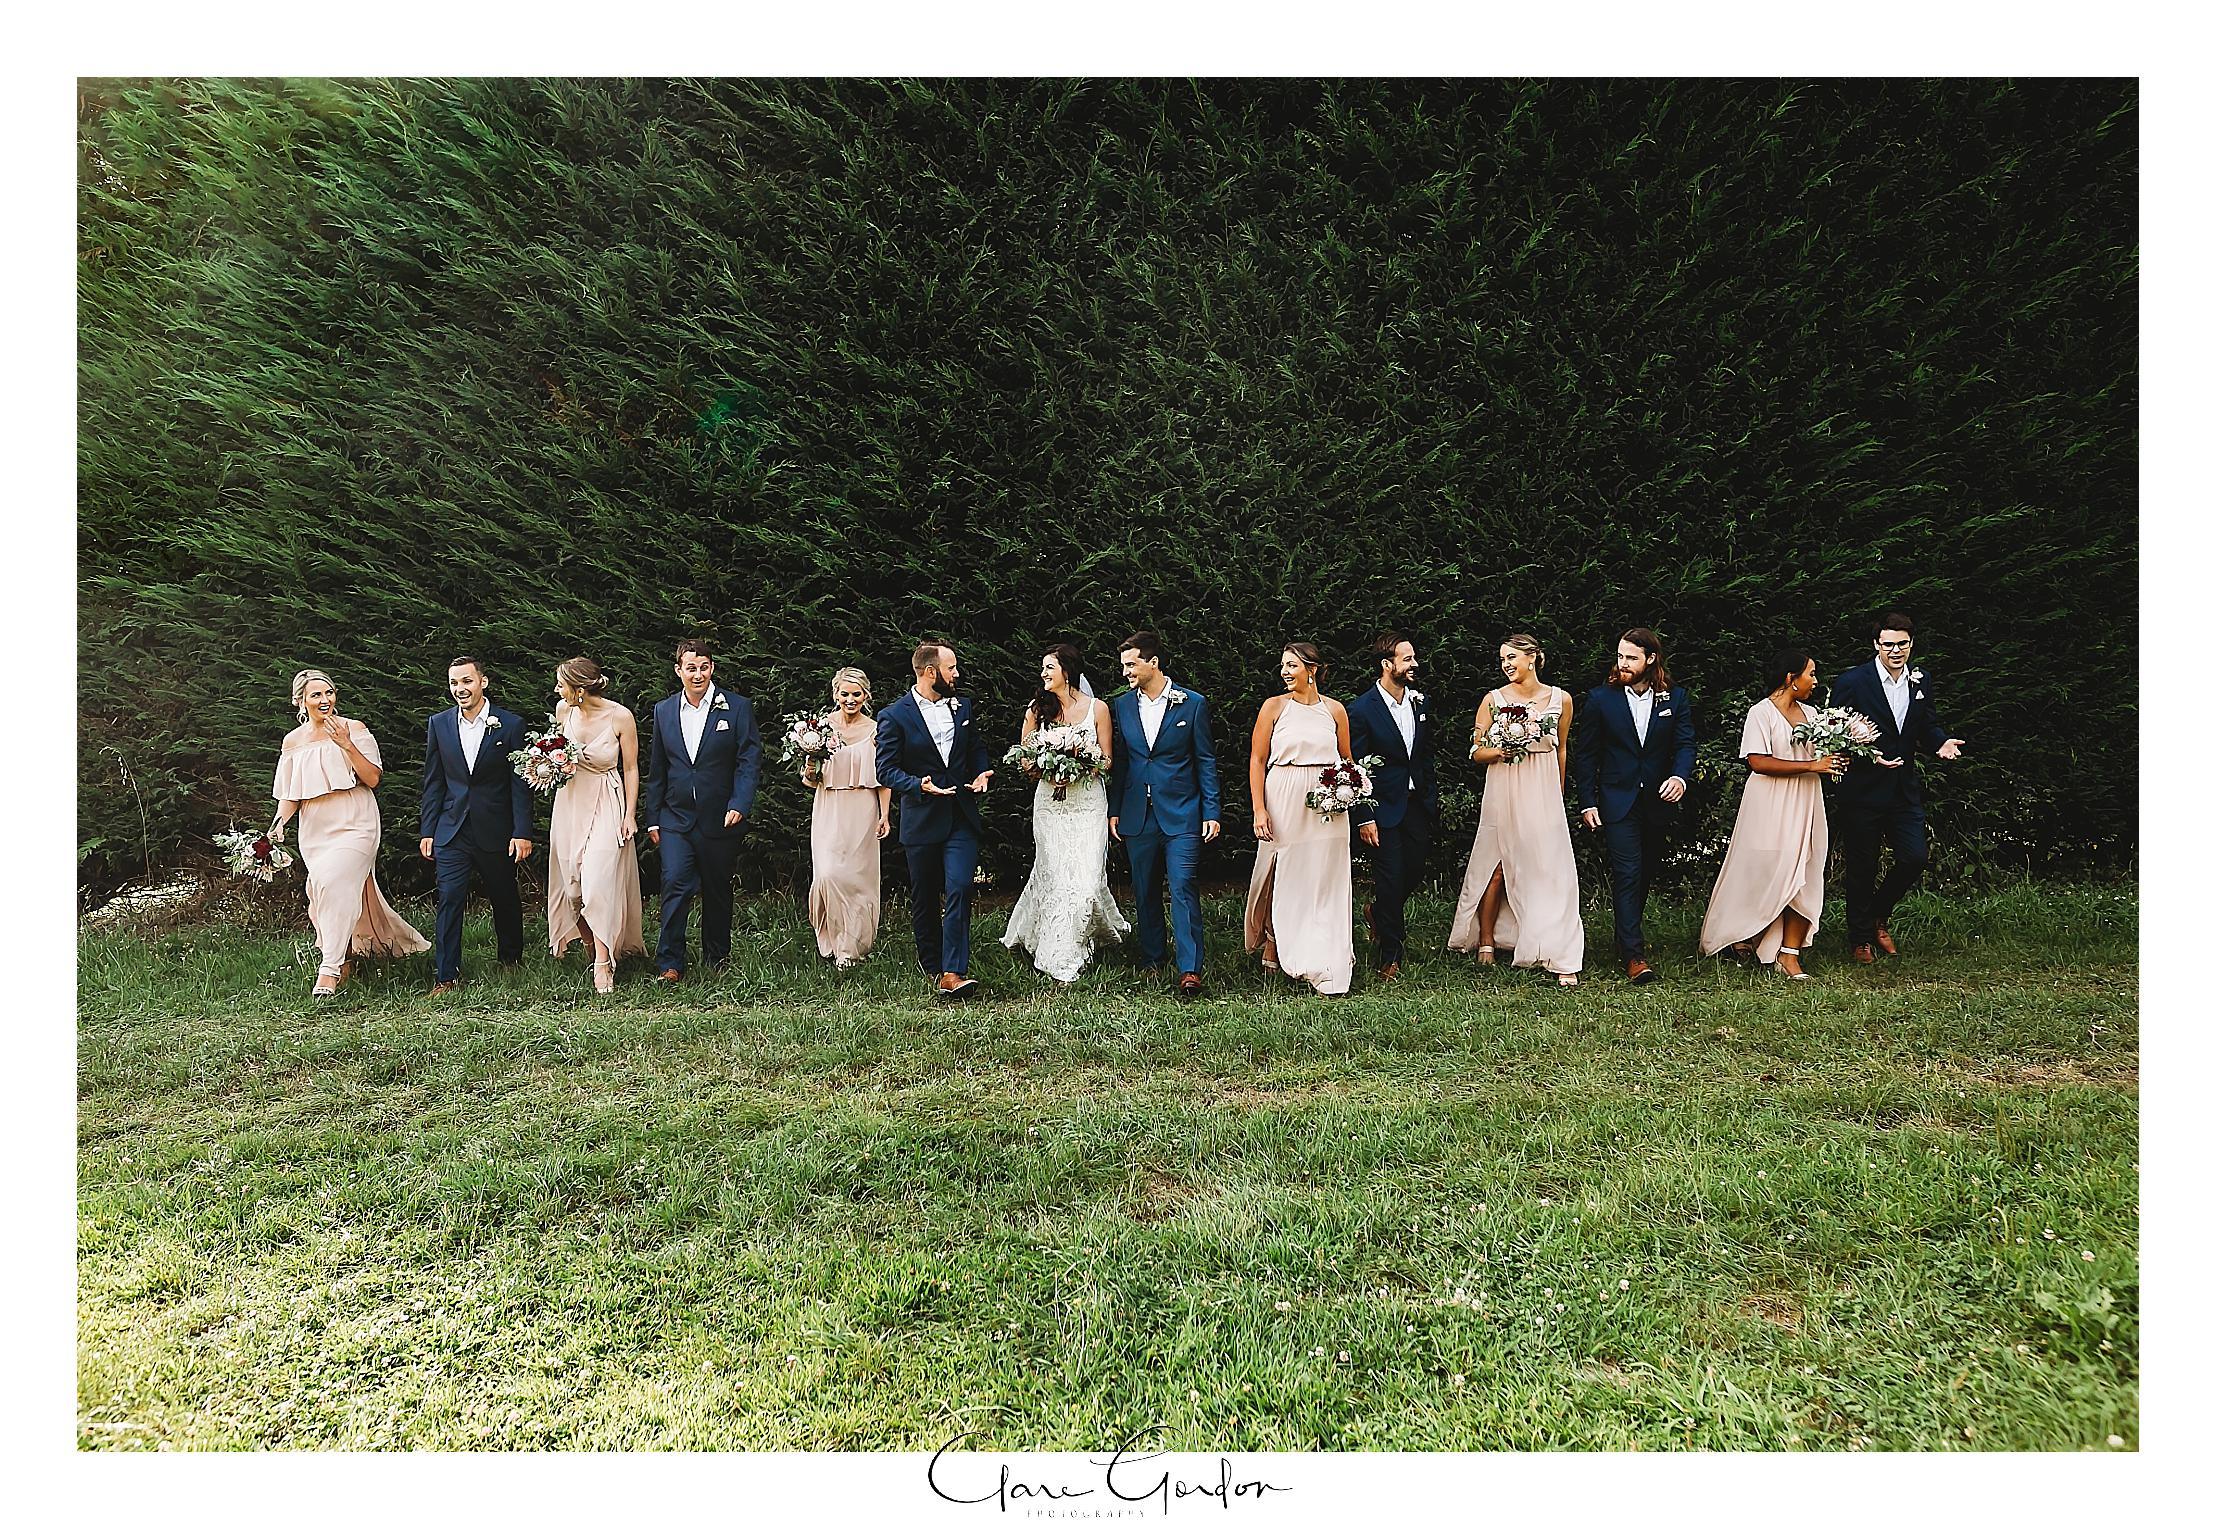 bridal-party-walking-photo-the-boat-shed-lake-karapiro